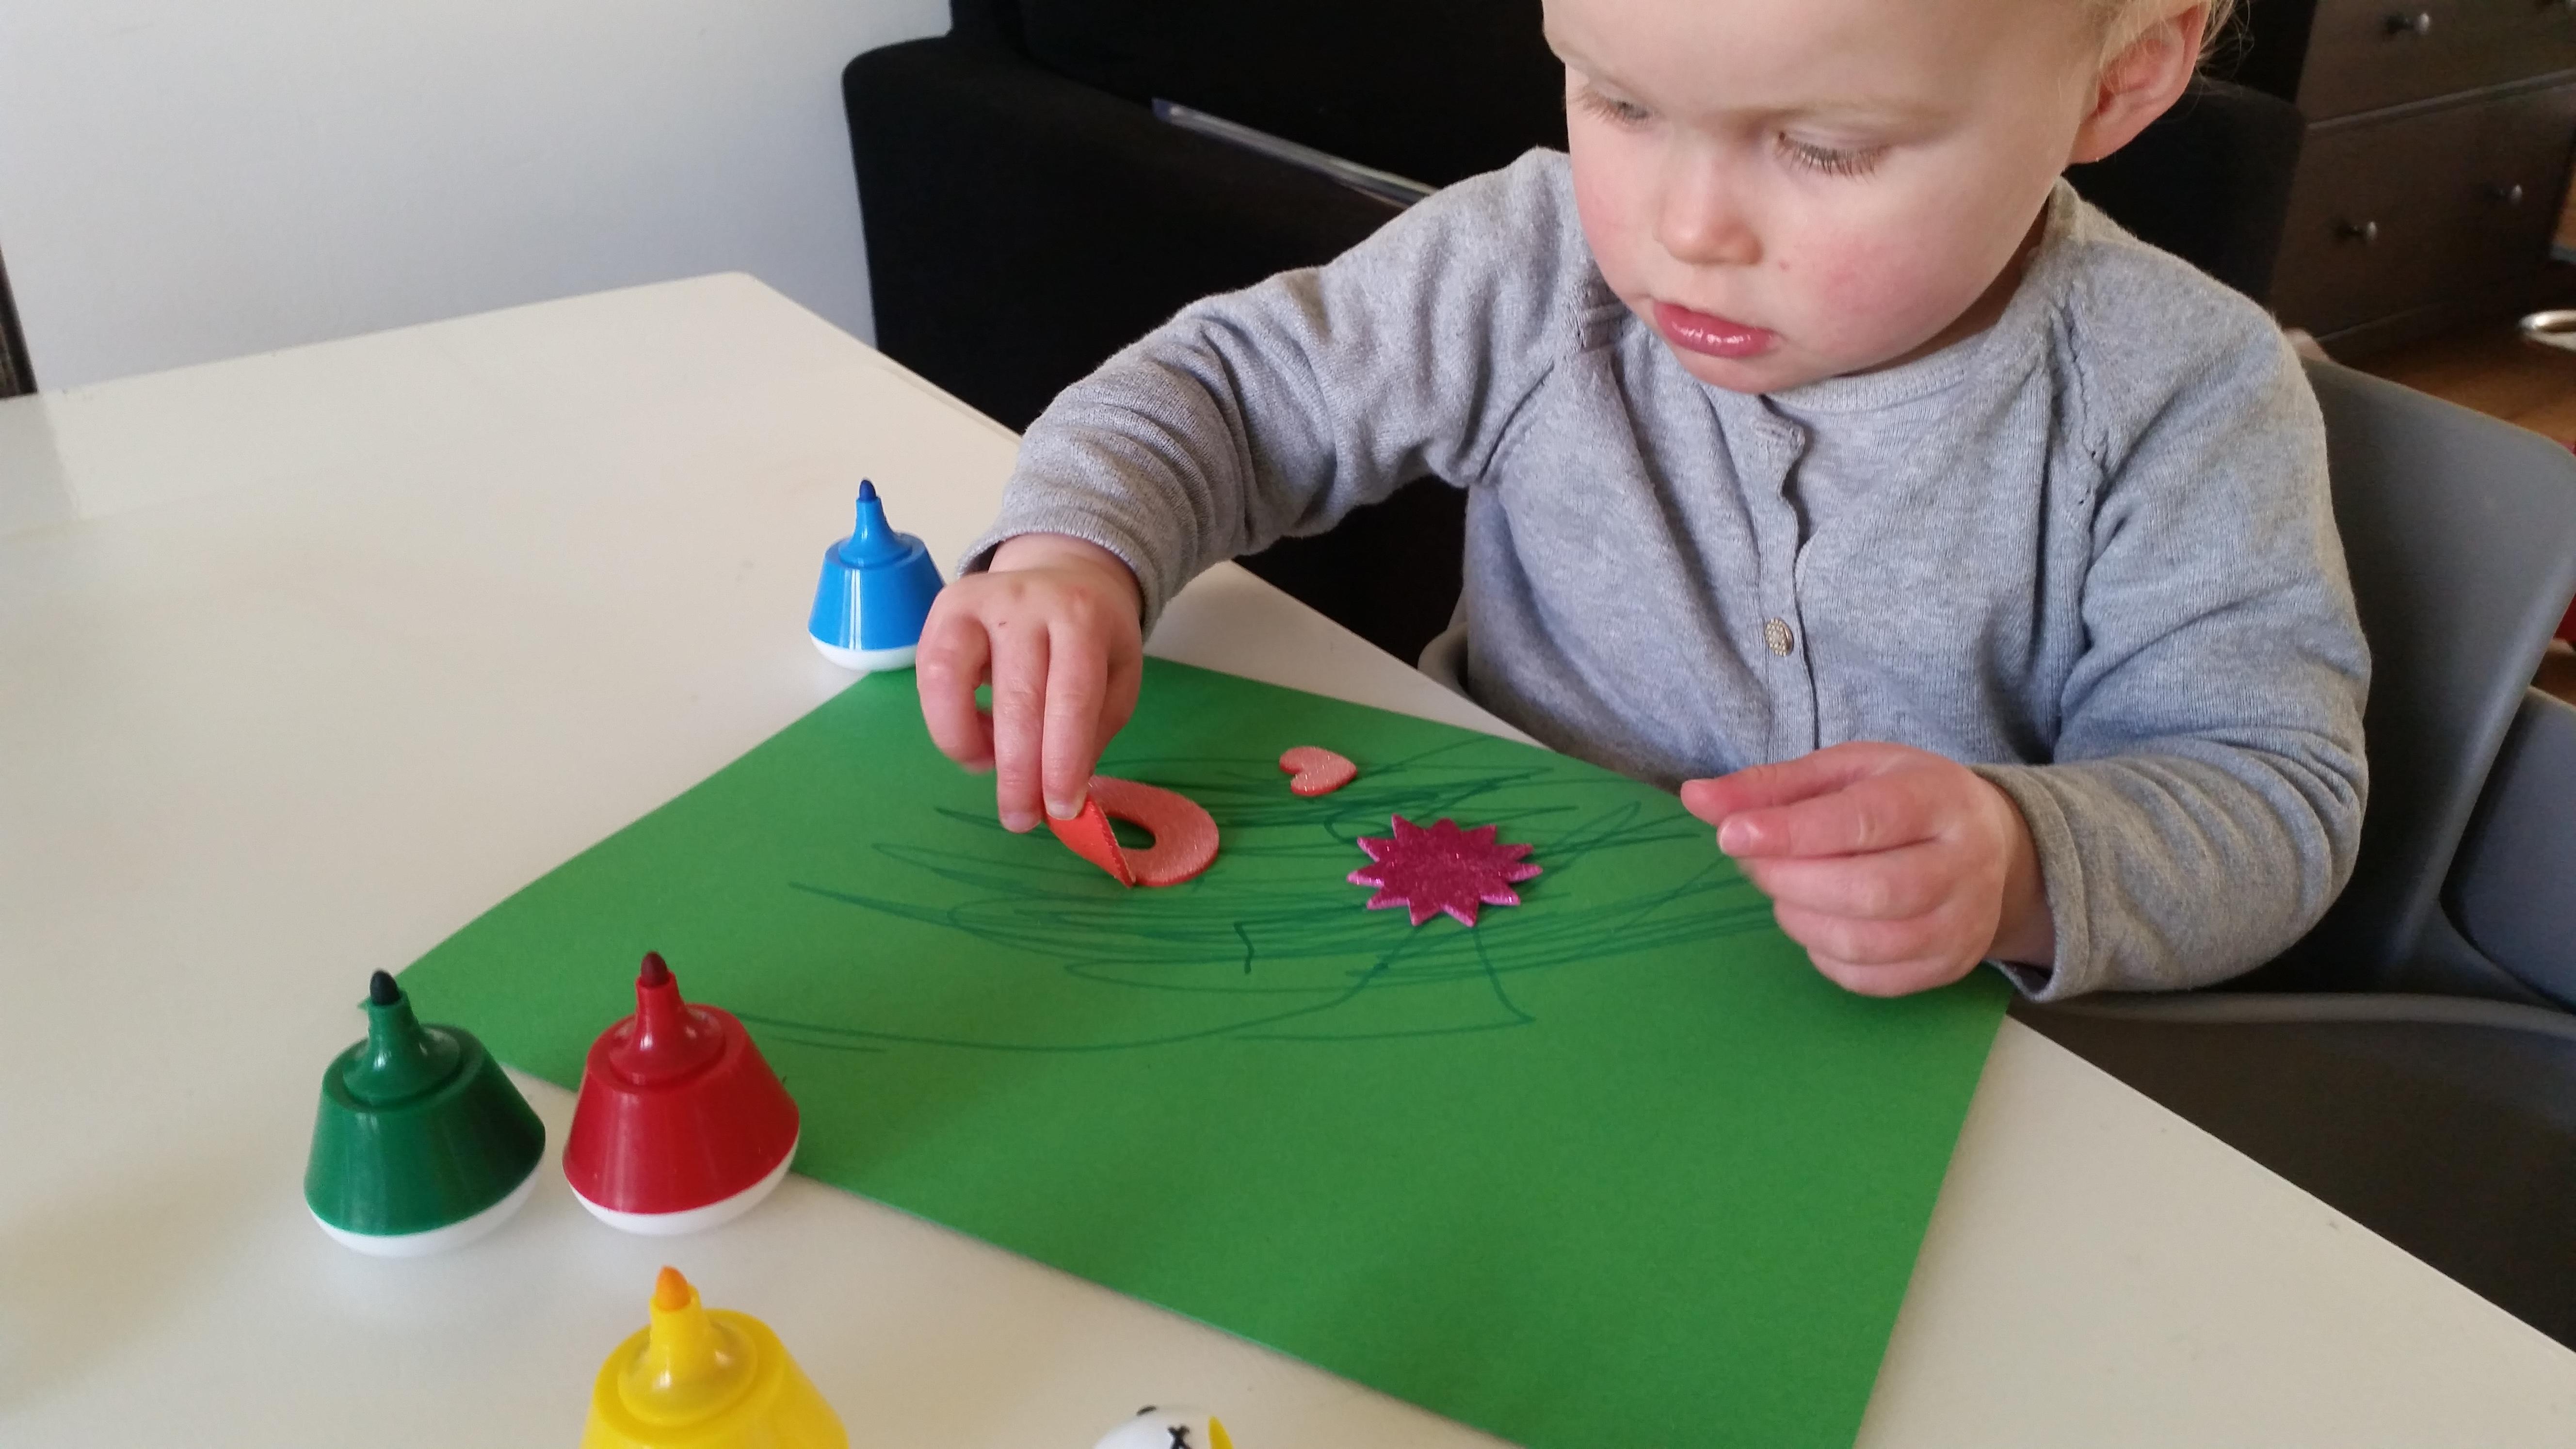 4-16-bellenblaas-traktatie-trakteren-creatief-vlinder-samen-dreumes-zelf-tekenen-kleuren-stiften-nijntje-stickers-hema-action-stickeren-Nola-mooi-kinderdagverblijf-creche-verhuizen-afscheid--st-